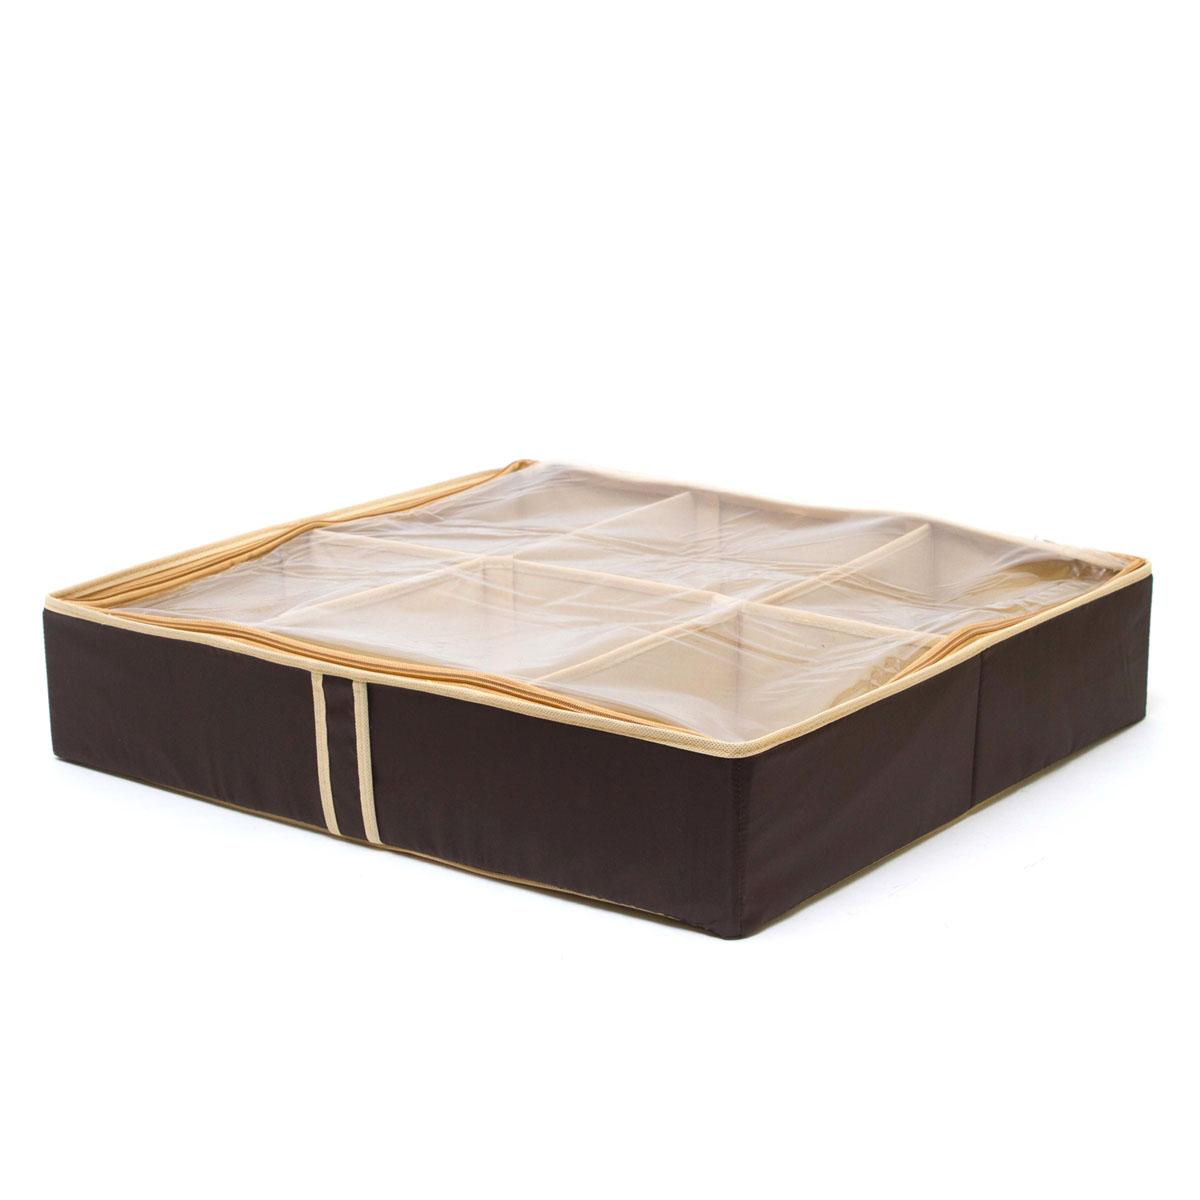 Органайзер для хранения обуви Homsu Costa-Rica, 6 секций, 56 х 52 х 12 смHOM-45Компактный складной органайзер Homsu Costa-Rica изготовлен из высококачественного полиэстера, который обеспечивает естественную вентиляцию. Материал позволяет воздуху свободно проникать внутрь, но не пропускает пыль. Органайзер отлично держит форму, благодаря вставкам из плотного картона. Изделие имеет 6 секций для хранения обуви.Такой органайзер позволит вам хранить вещи компактно и удобно. Размер секции: 10 х 7 см.